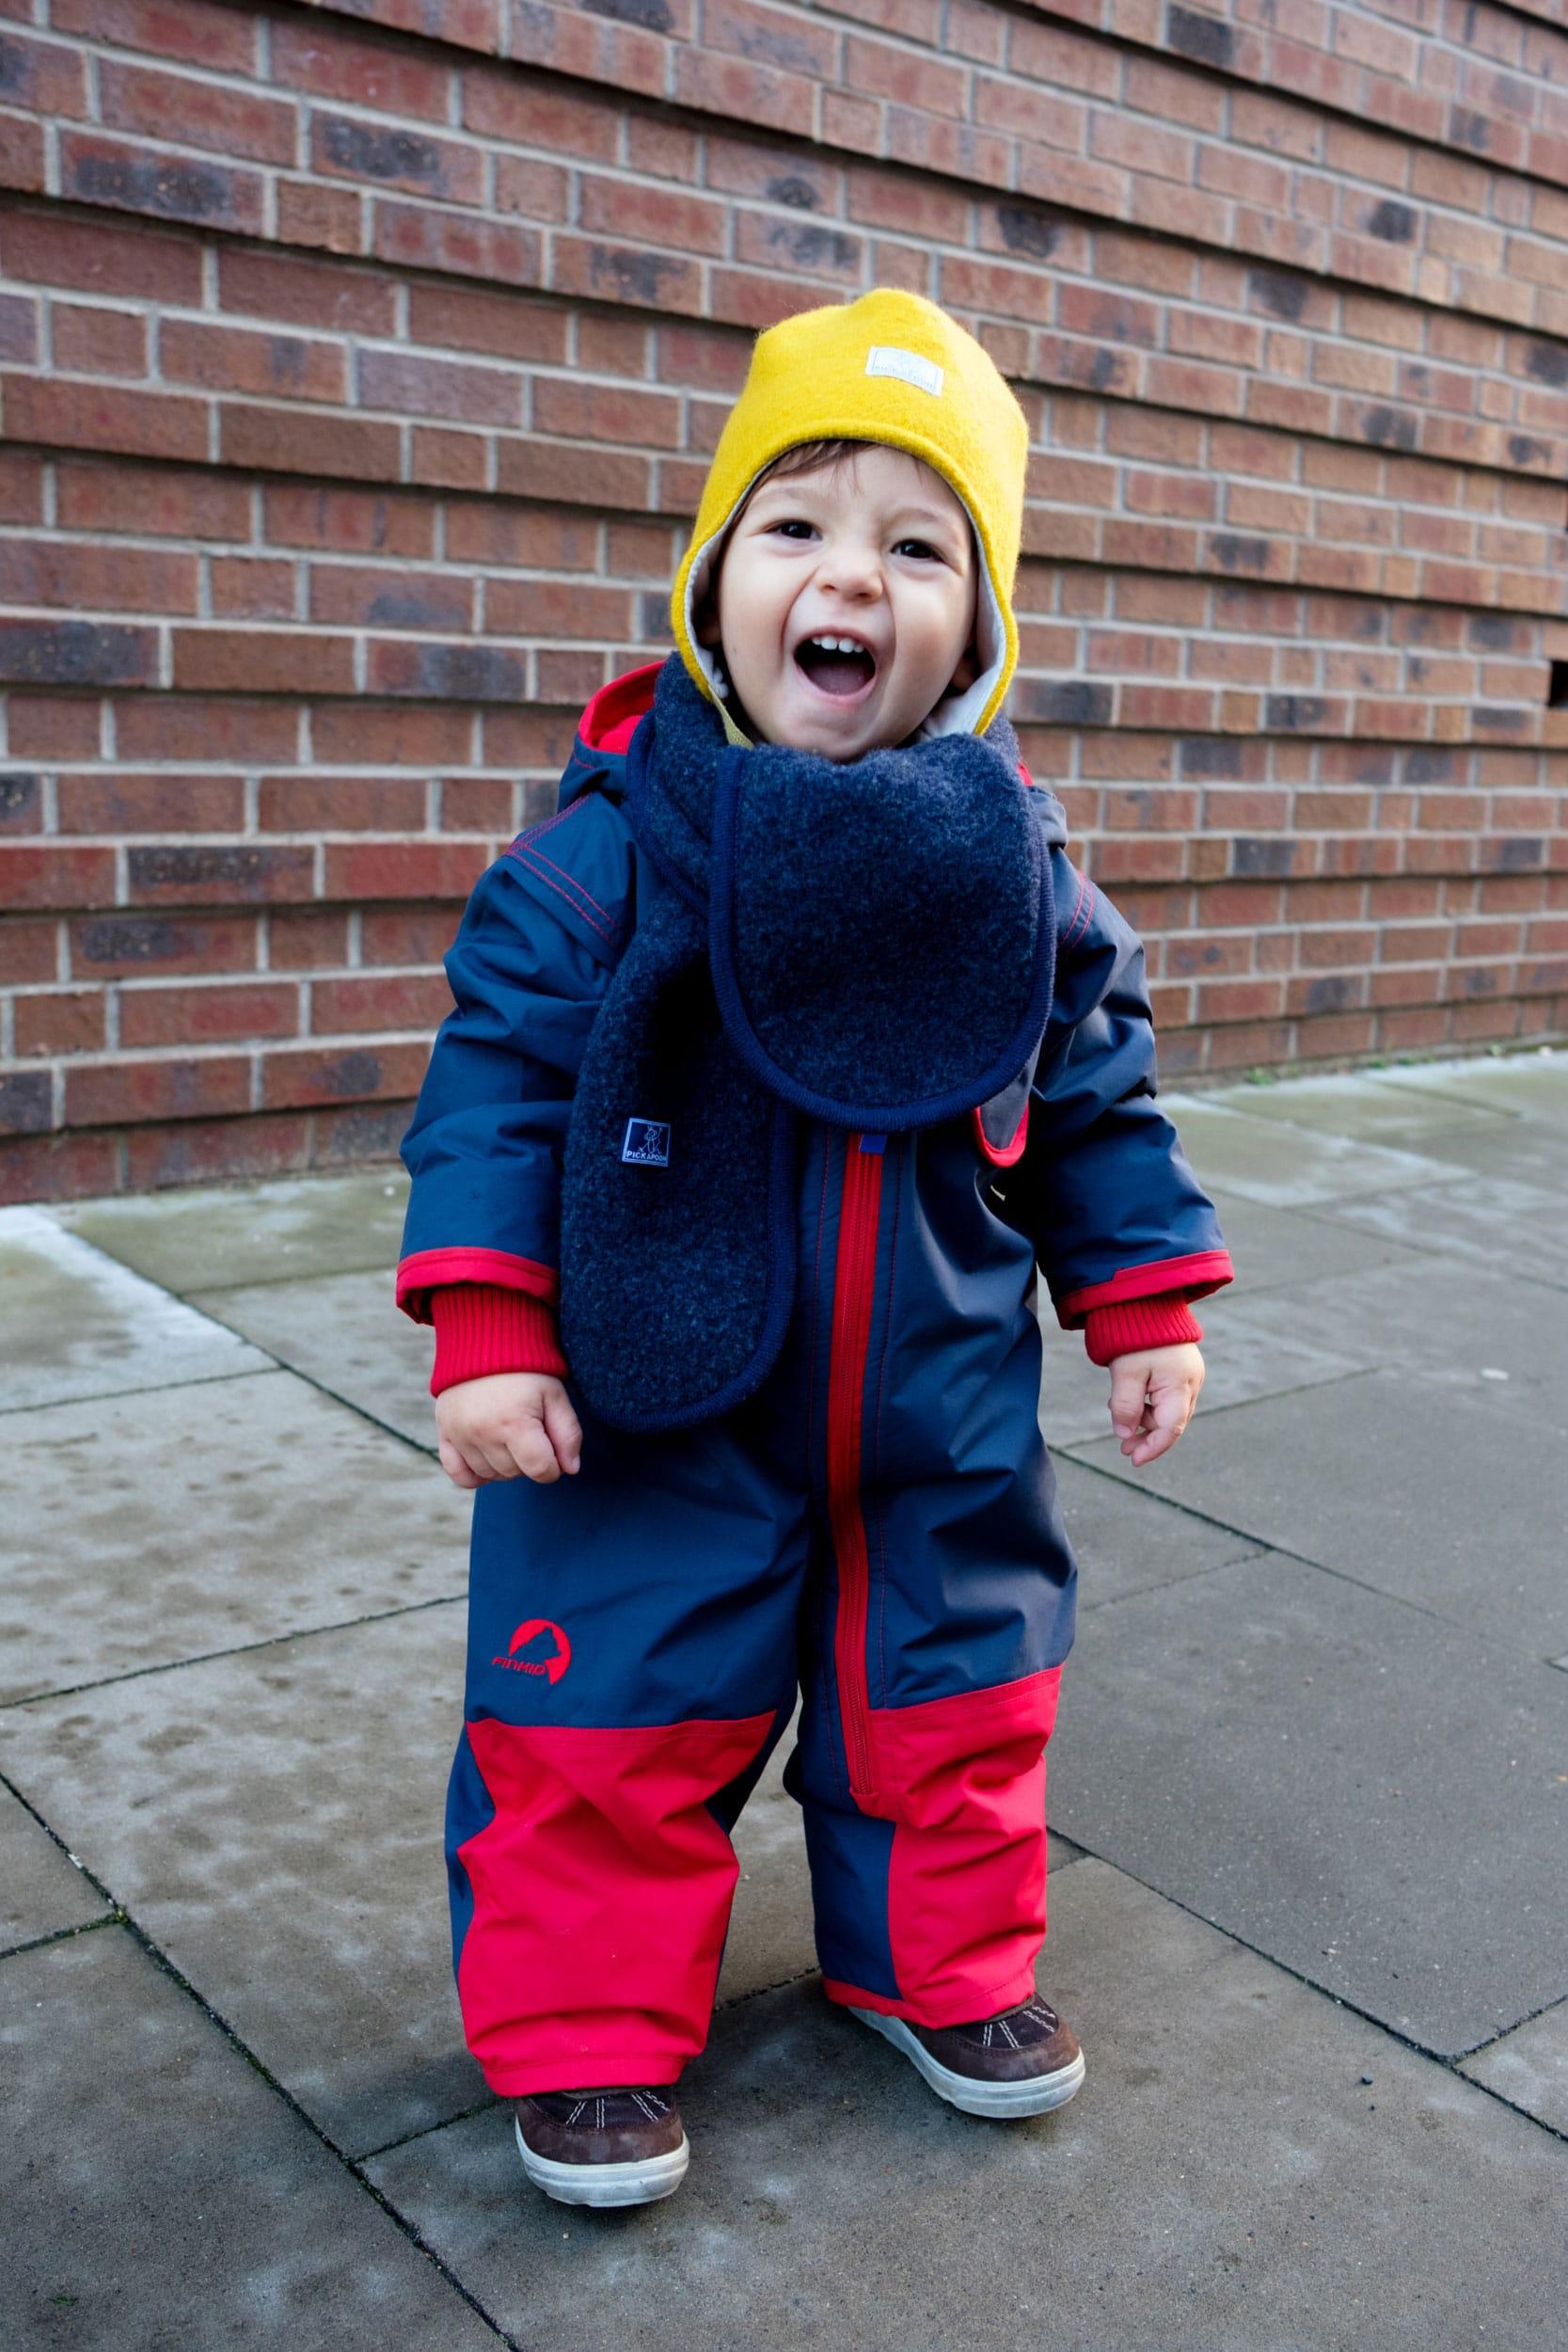 Was ziehe ich meinem Kleinkind im Winter an? | Kleine Kinder im Winter richtig anziehen | Winter Essentials | Baby | Kleinkind | Winterkleidung | Warme Kleidung | Schneeanzug | ivy.li